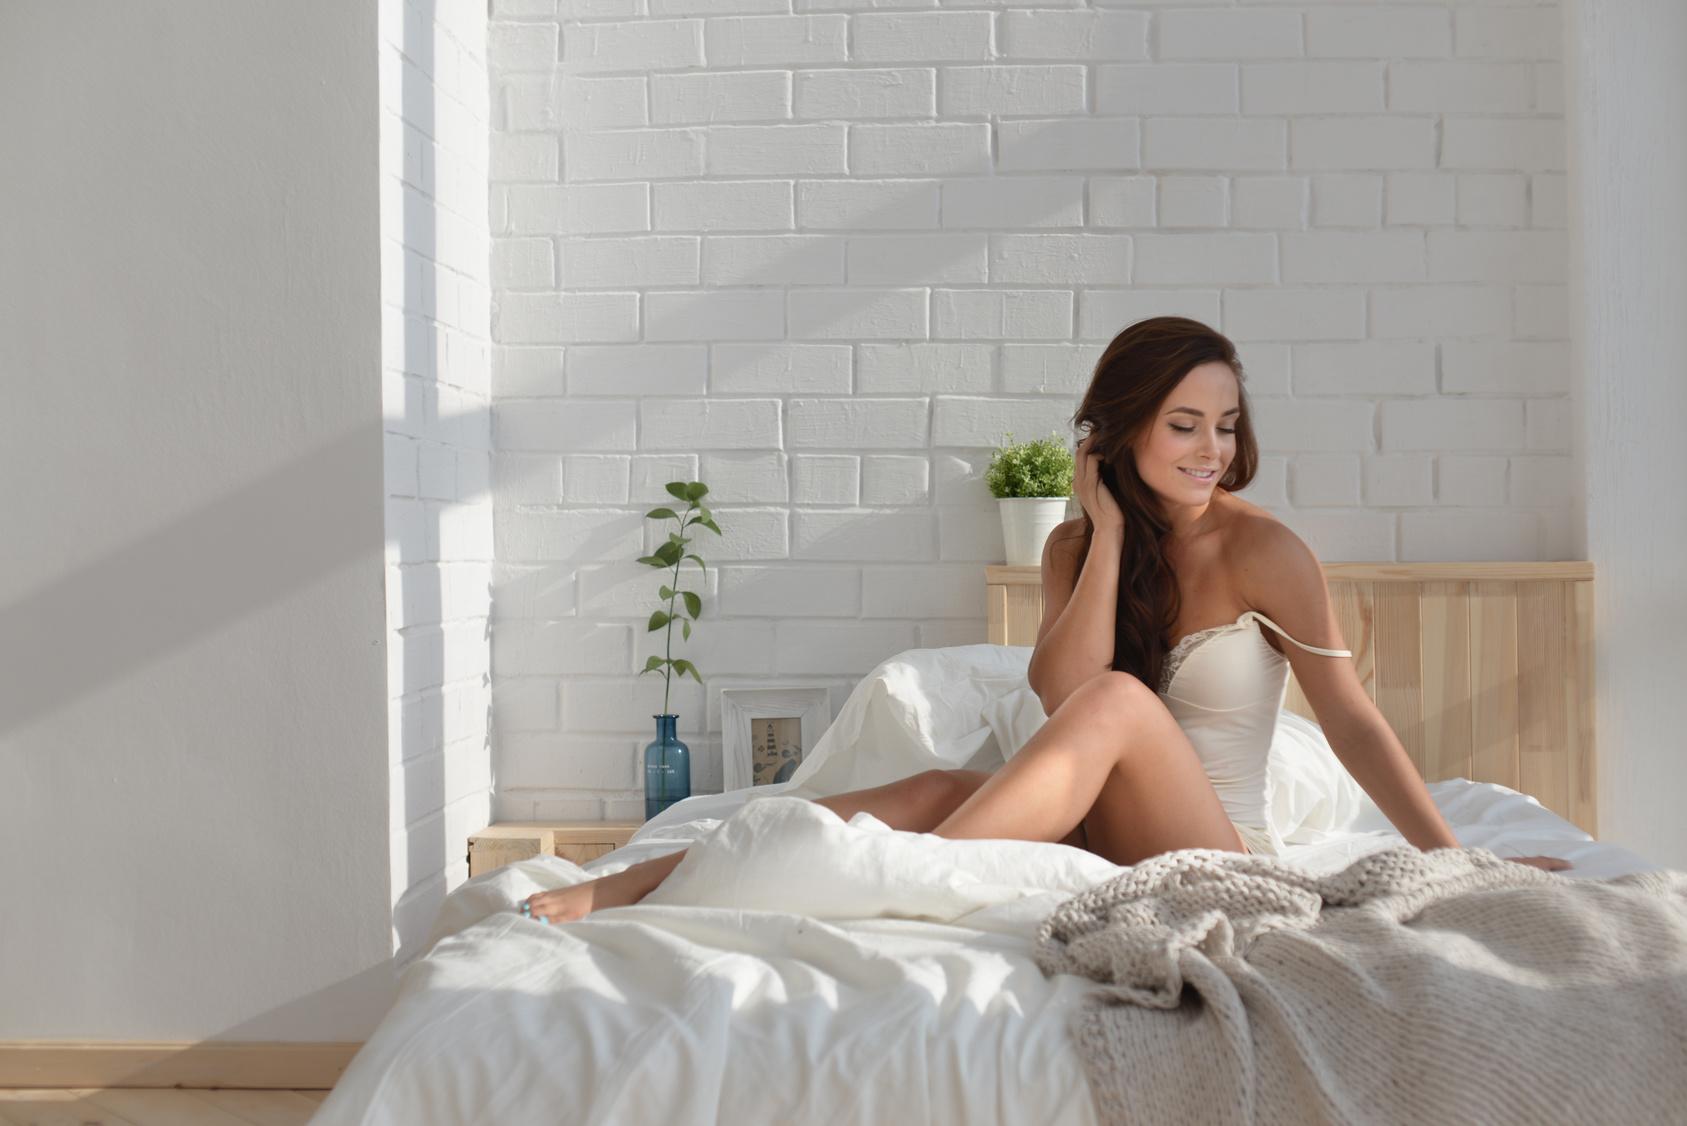 Panna Młoda w bieliźnie w łóżku, noc przedślubna